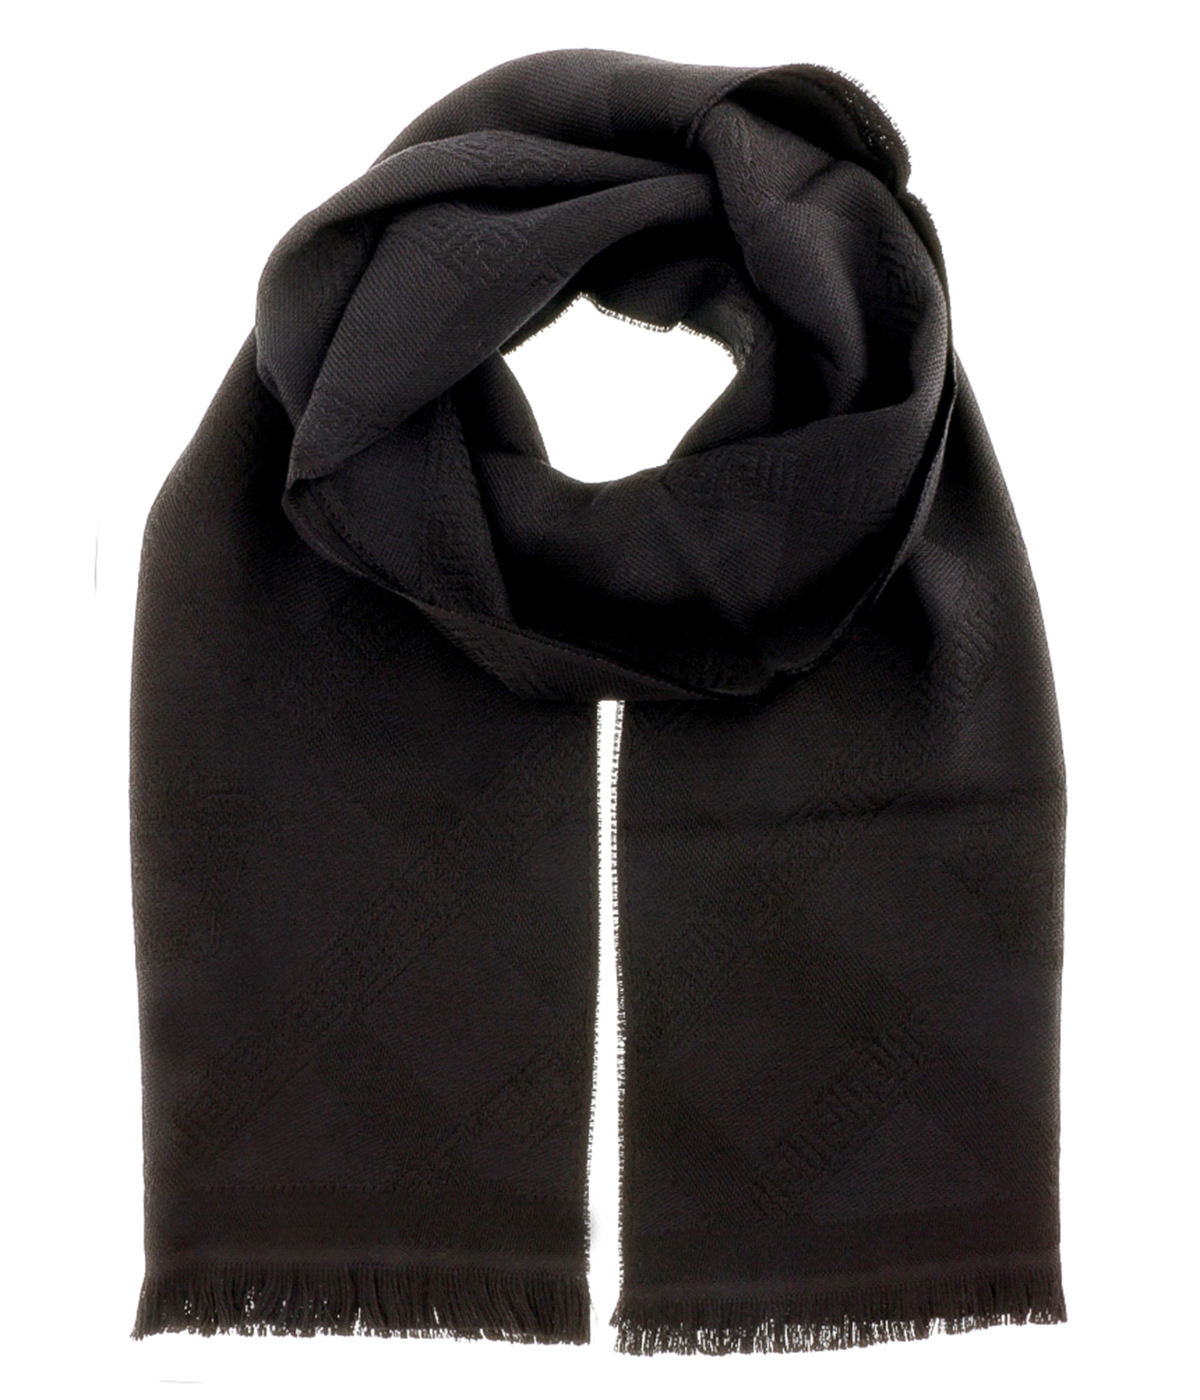 Versace IT00632 NERO Black 100% Wool Mens Scarf